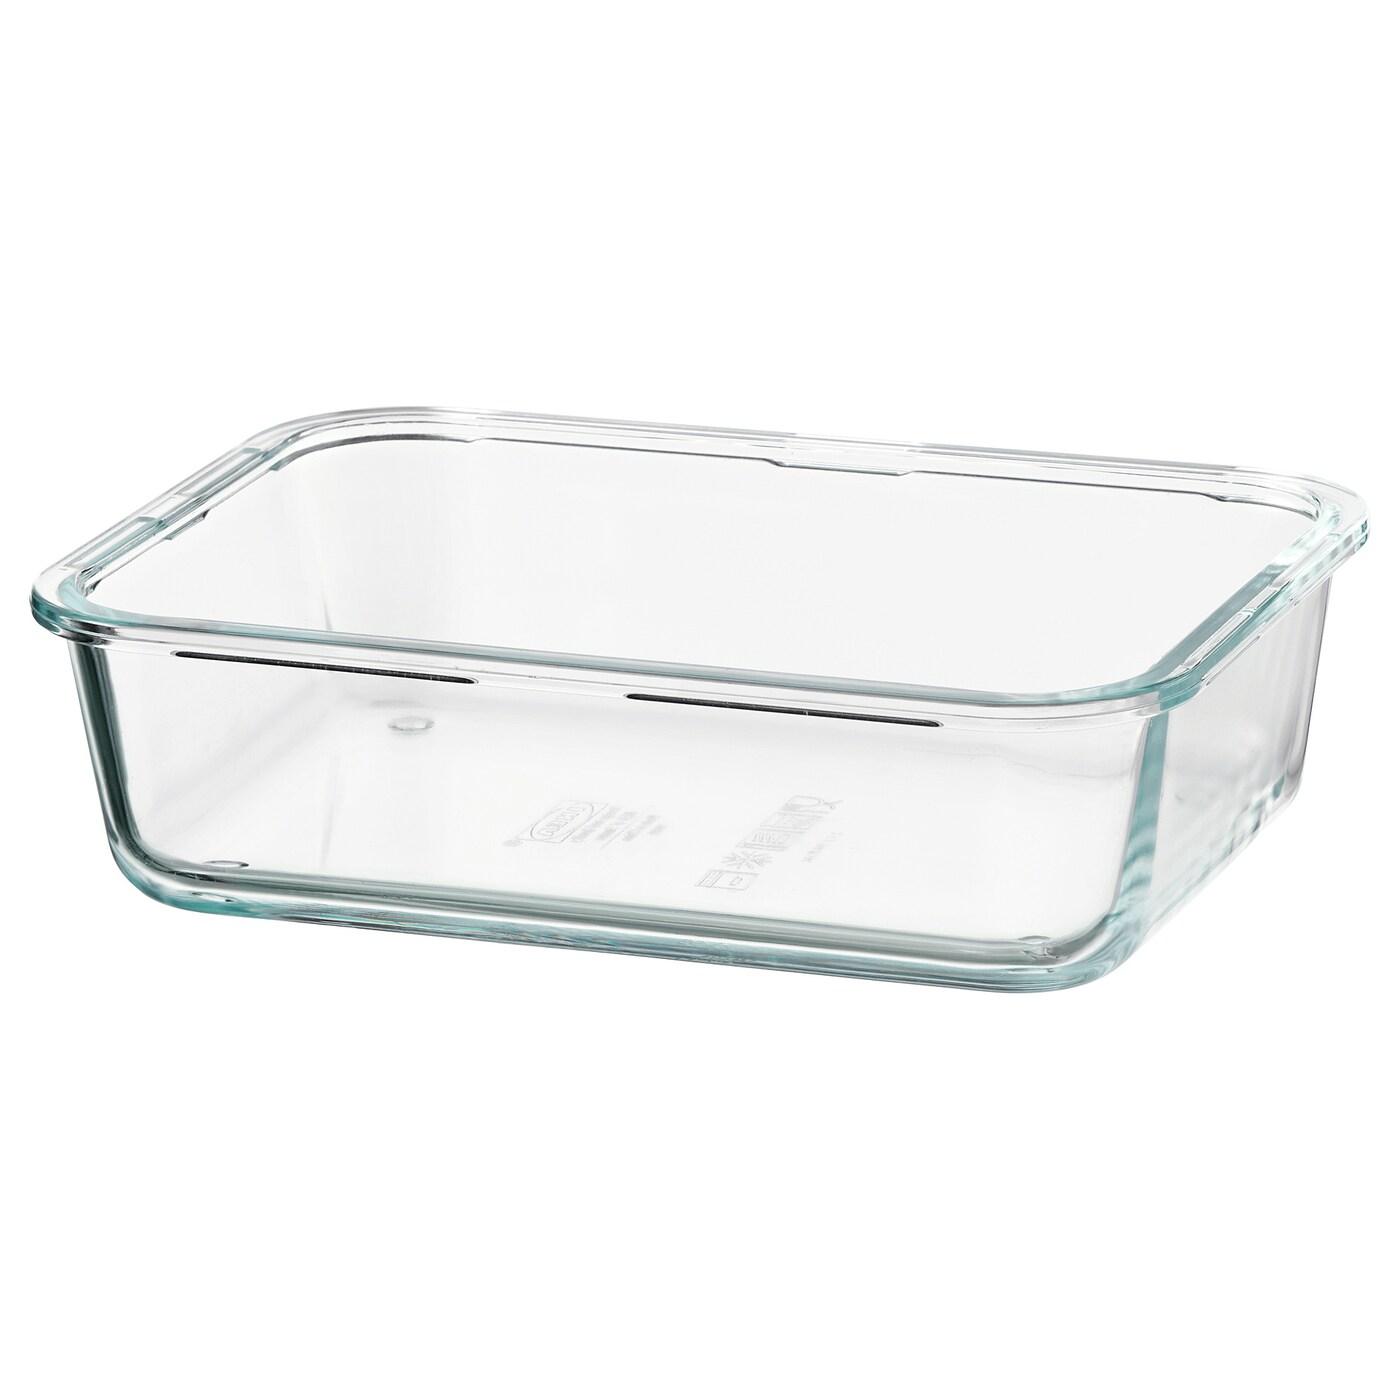 ИКЕА IKEA 365+, Пищевых контейнеров, 703.591.99, прямоугольник, стекло, 1,0 л